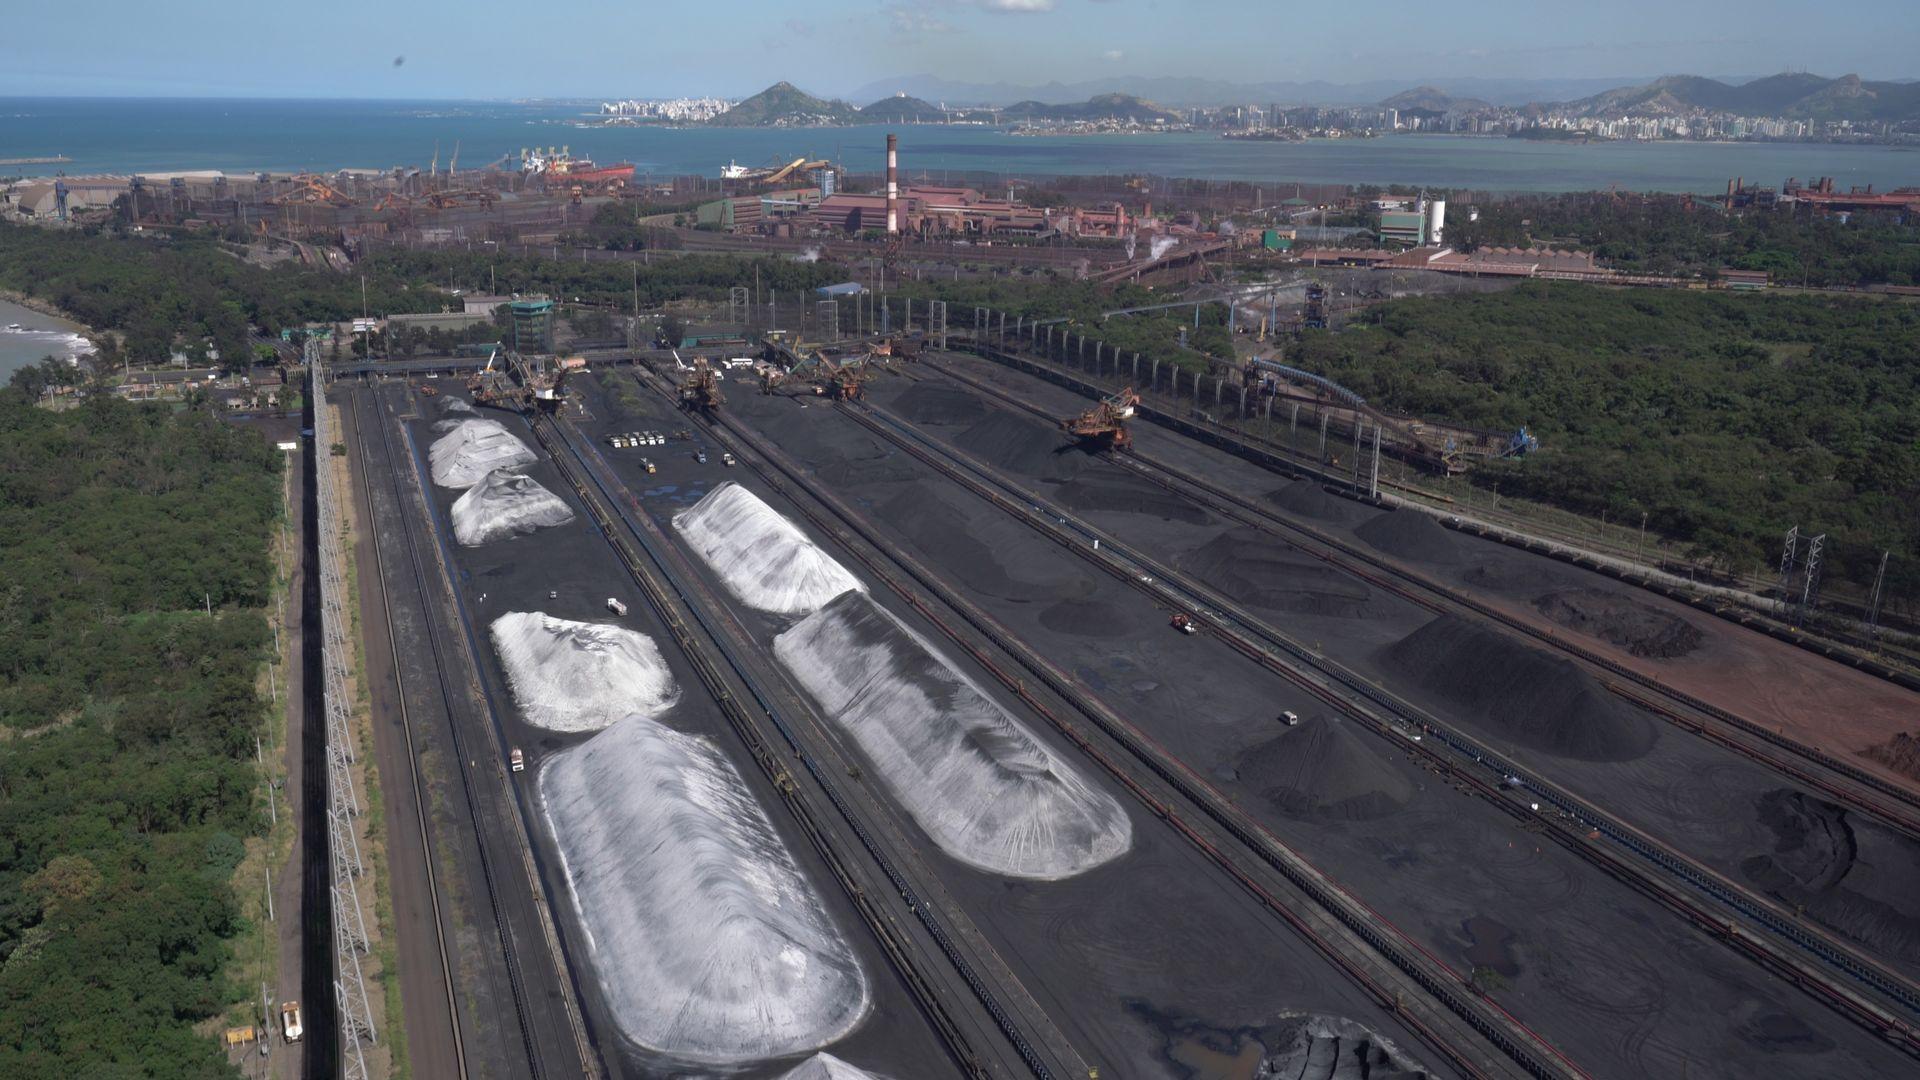 Pátio de minério de ferro da Vale no Complexo de Tubarão: empresa estuda produzir um novo produto a partir desse material